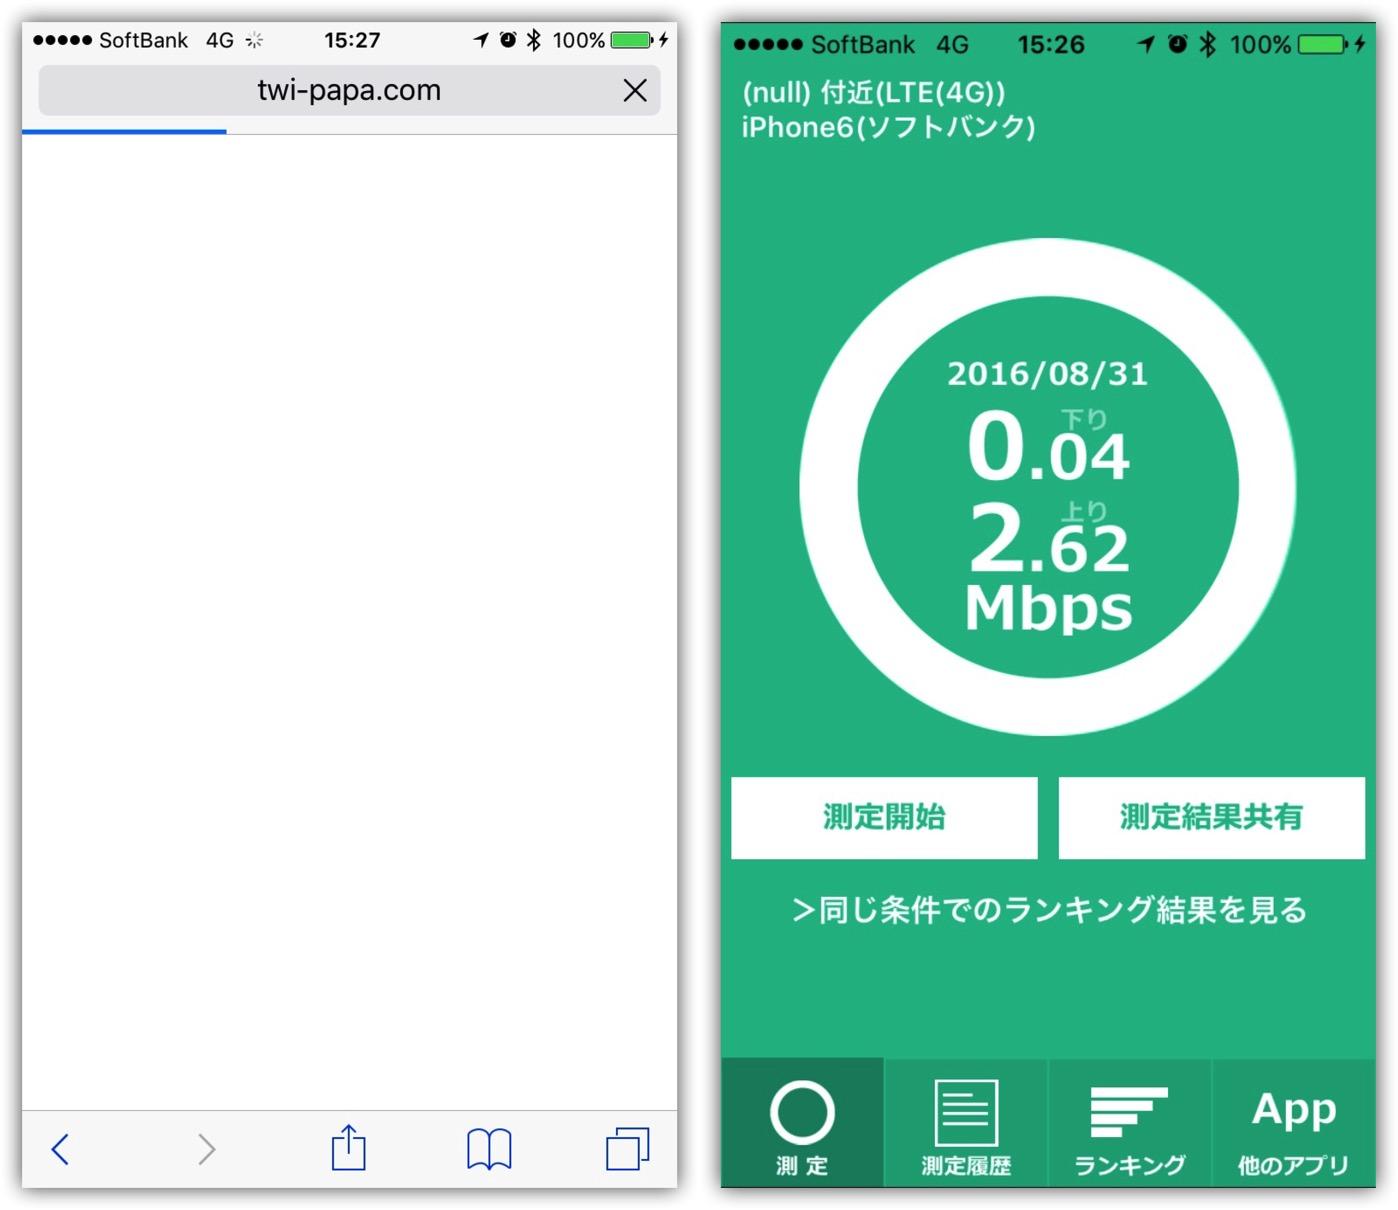 7GB制限-2